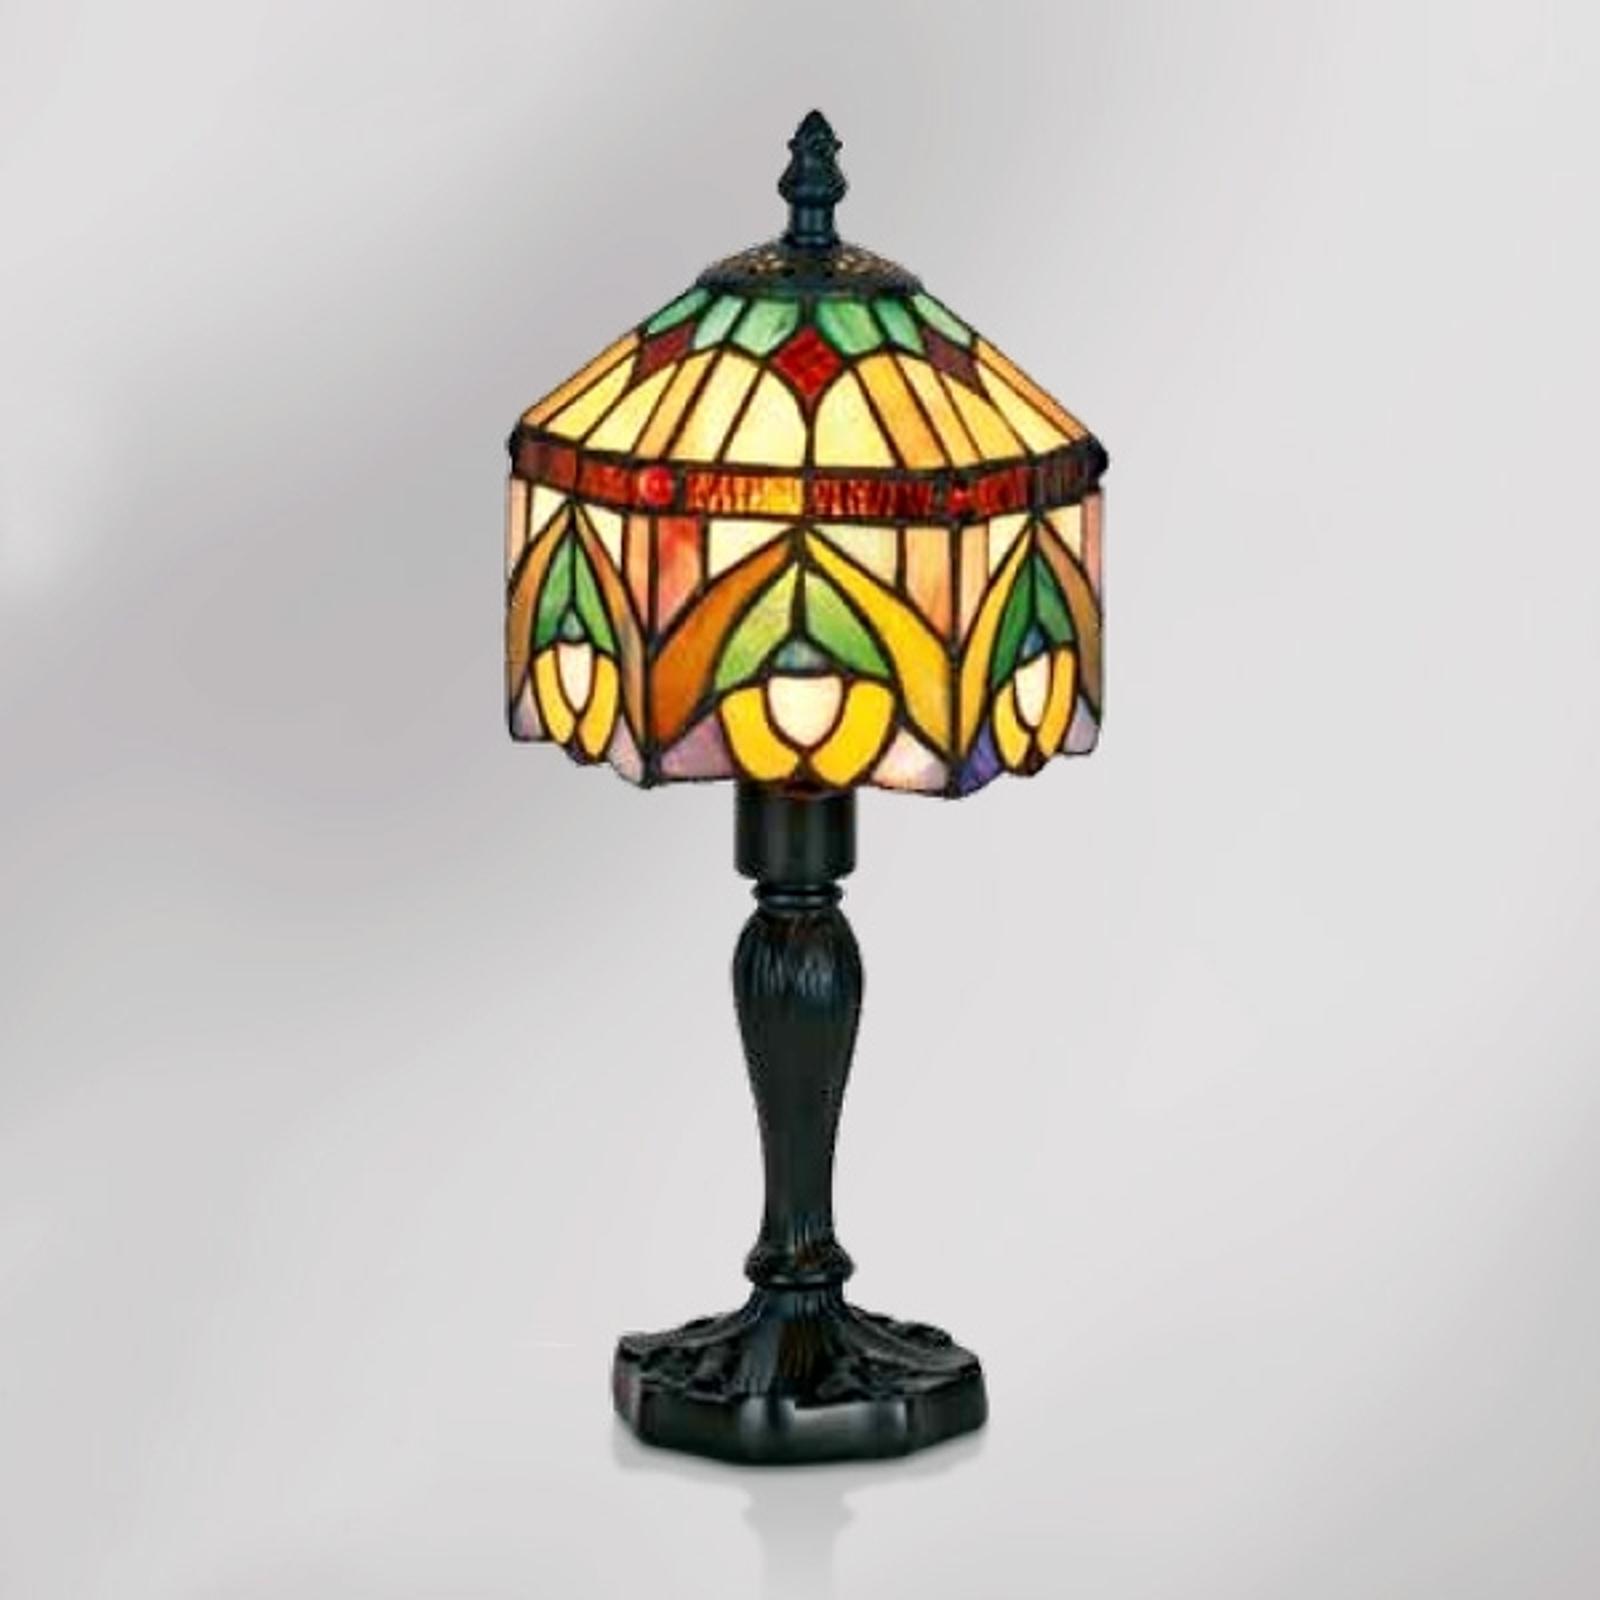 Dekorativní stolní lampa Jamilia v Tiffany stylu